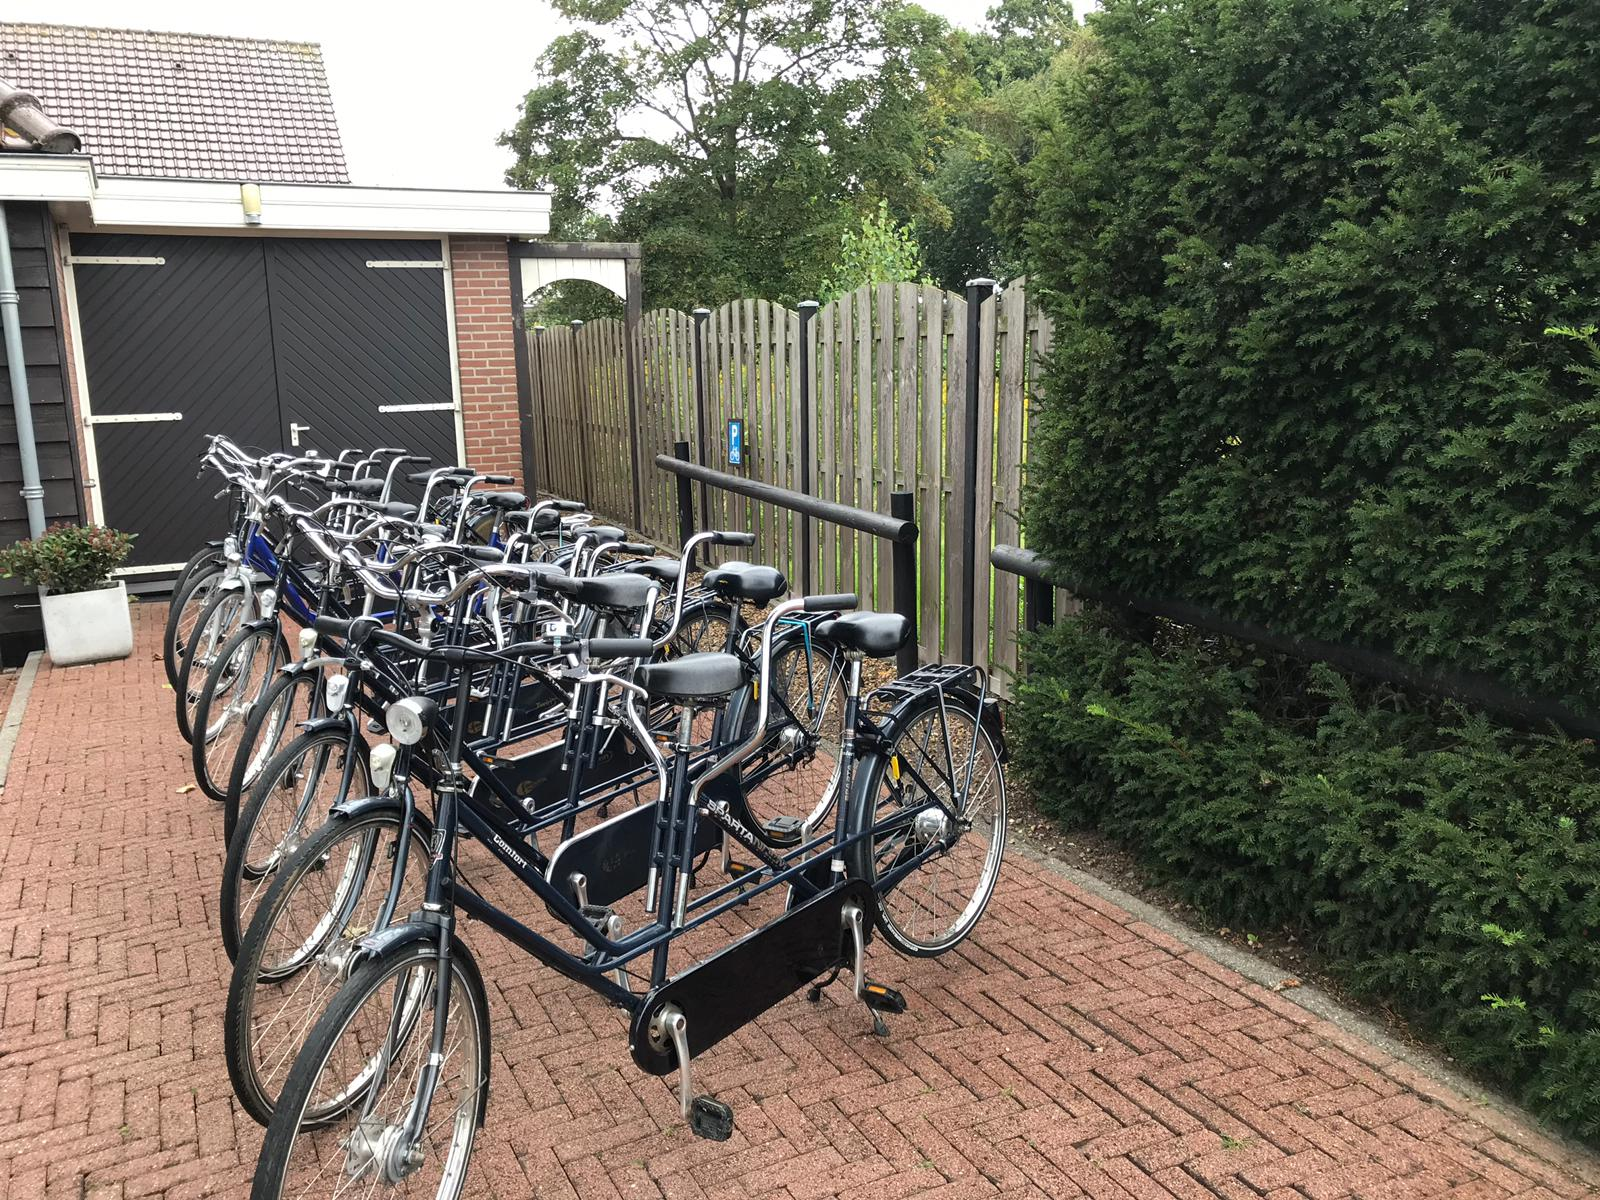 Fietsverhuur Wieringen Noord Holland tandem